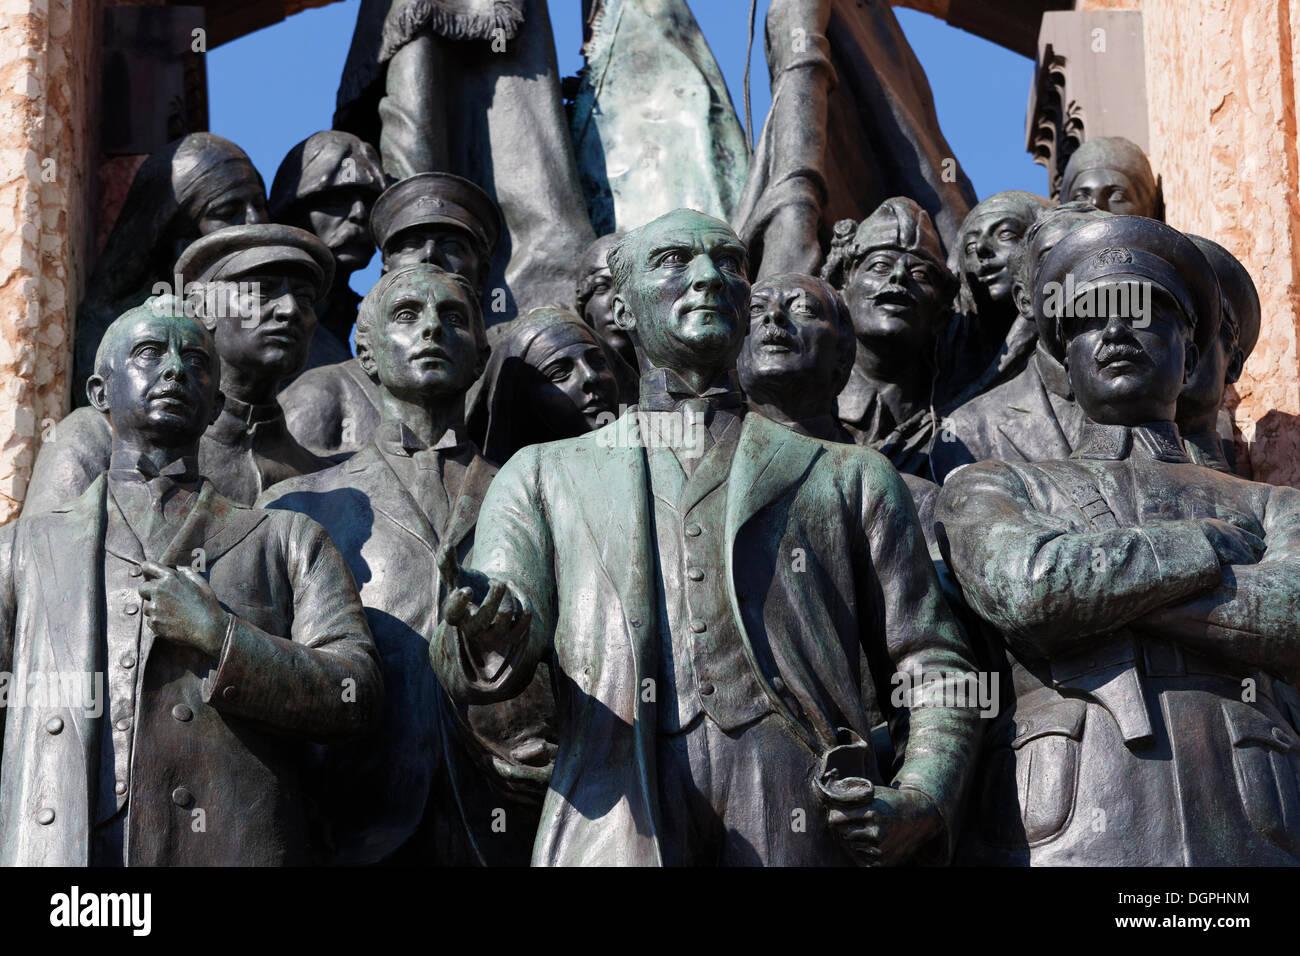 Mustafa Kemal Atatuerk con camaradas, monumento Aniti Cumhuriyet, el monumento de la independencia por Pietro Canonica Imagen De Stock